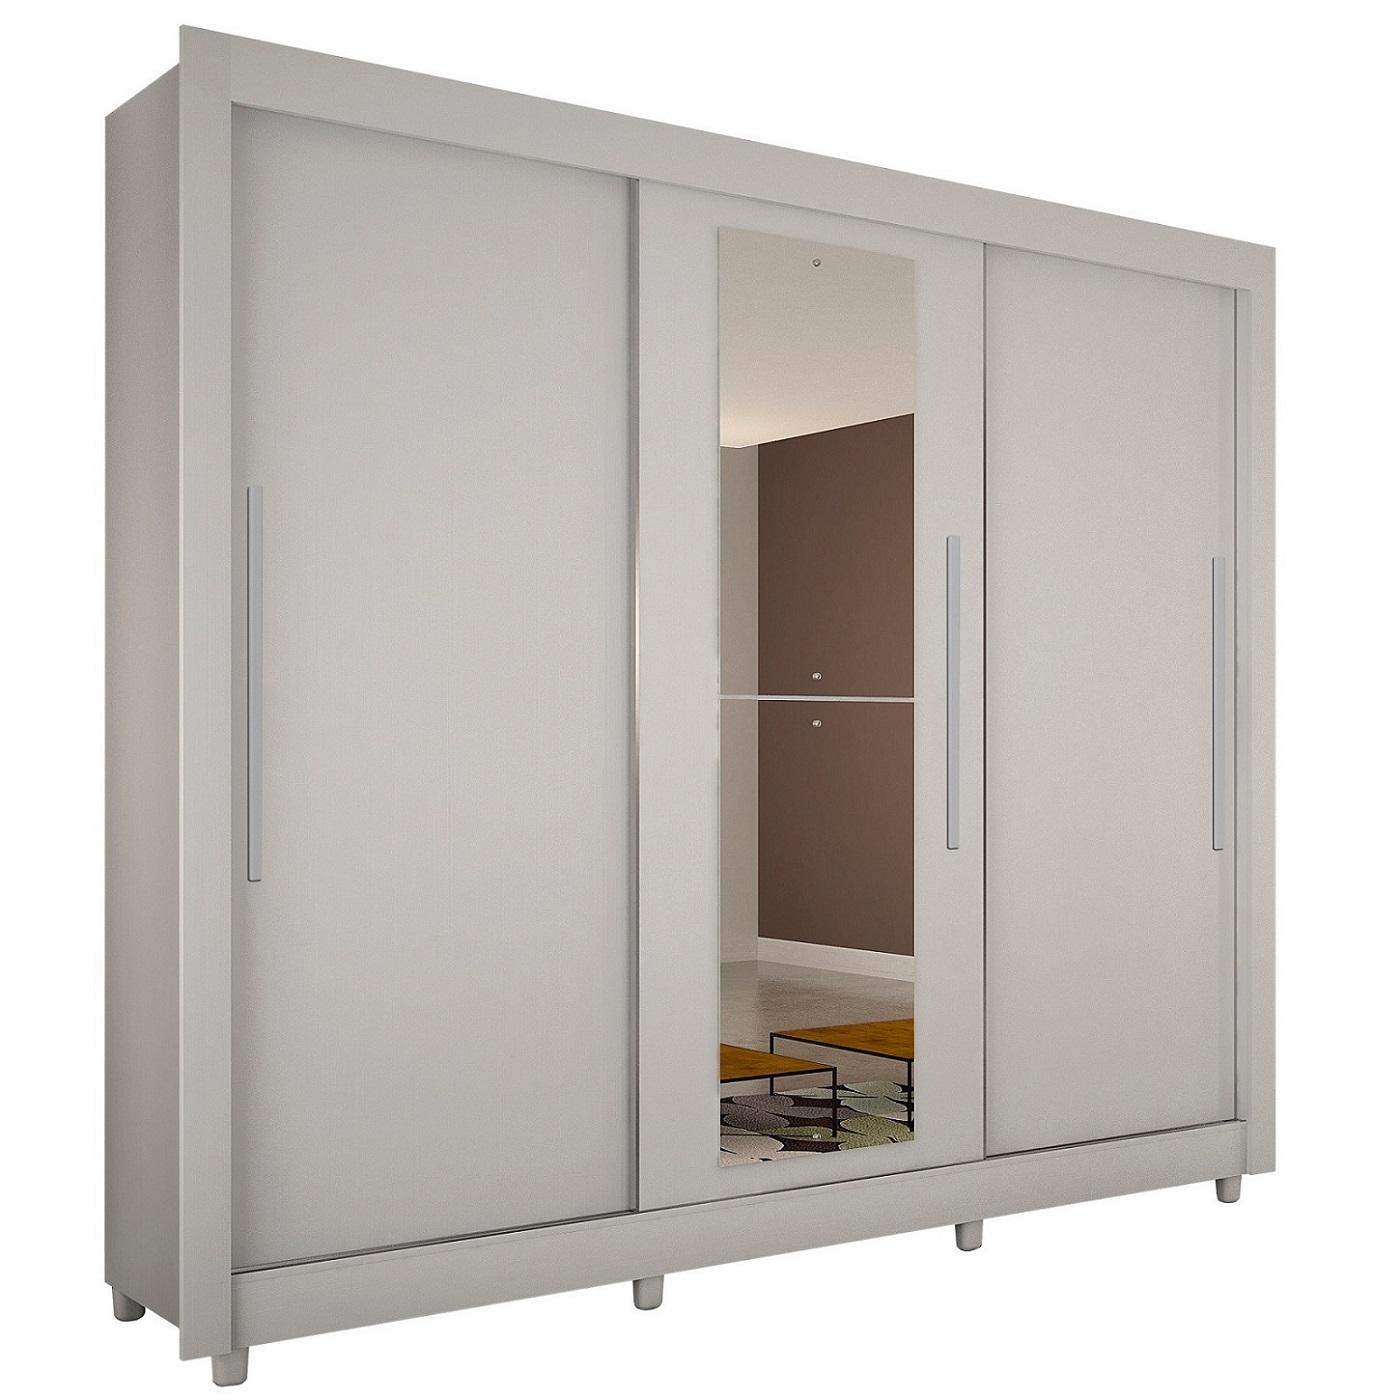 Roupeiro Tokio 3 Portas com Espelho  Salleto Dormitório Novo